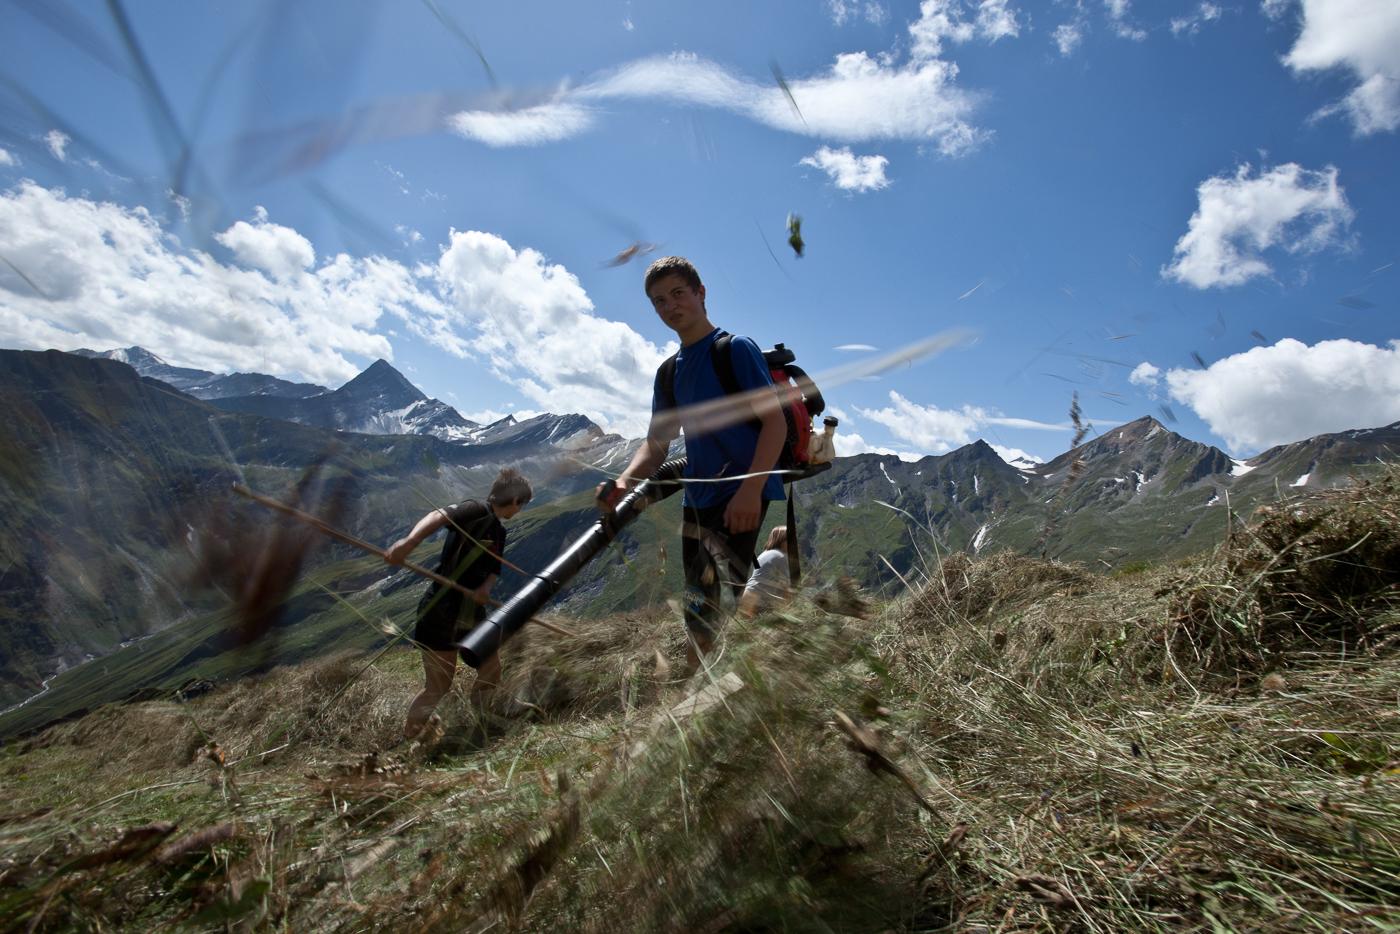 Verner Soler_USA-Switzerland_Visits to my village_07.jpg